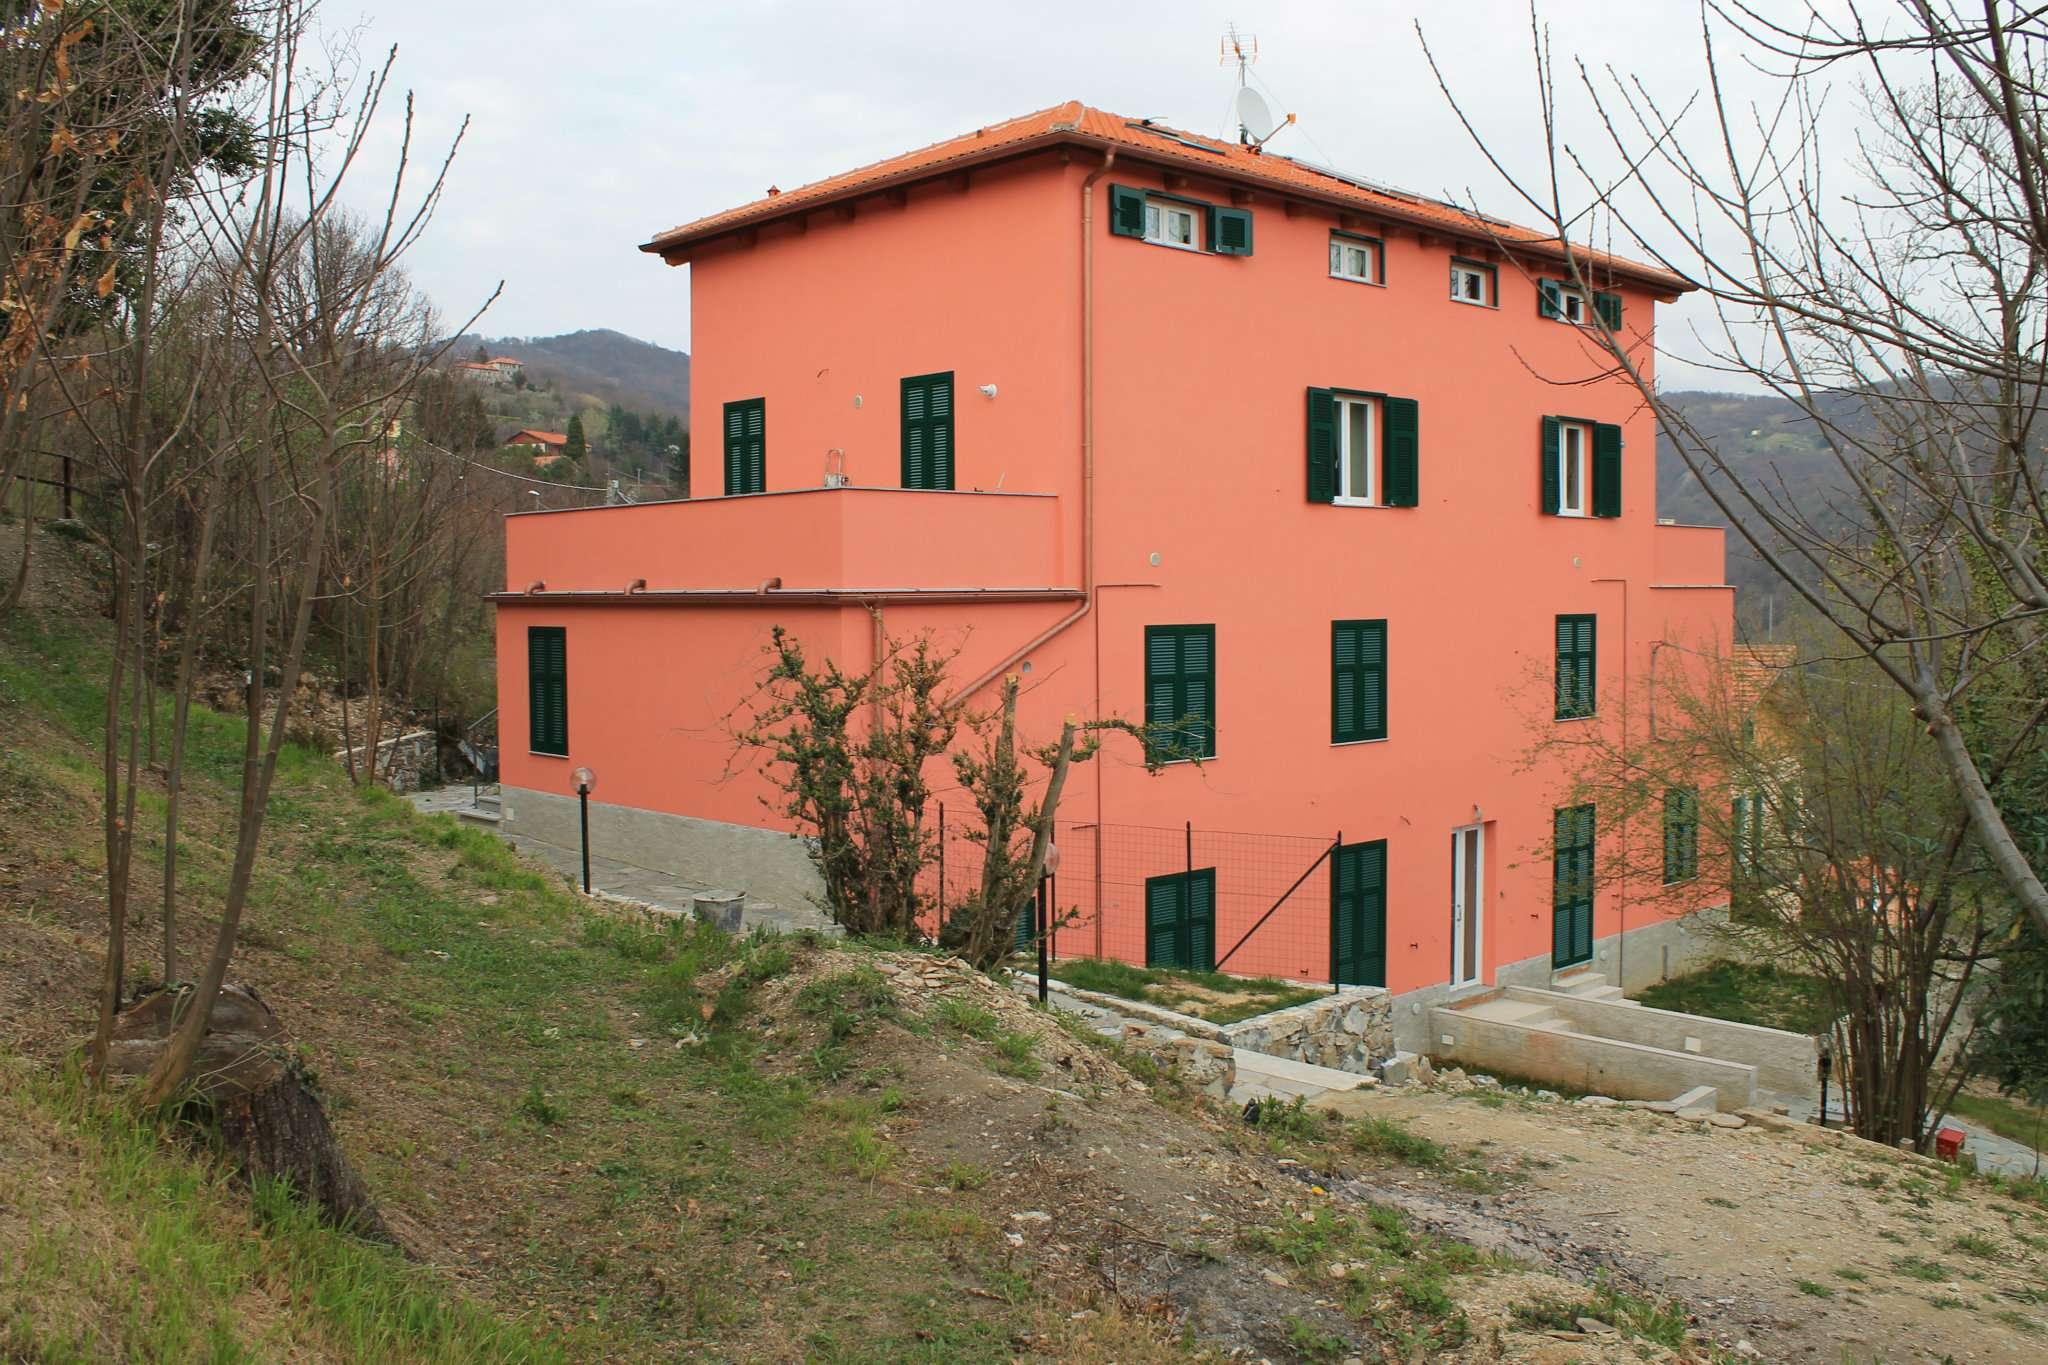 Appartamento in vendita a Serra Riccò, 7 locali, prezzo € 209.000 | CambioCasa.it